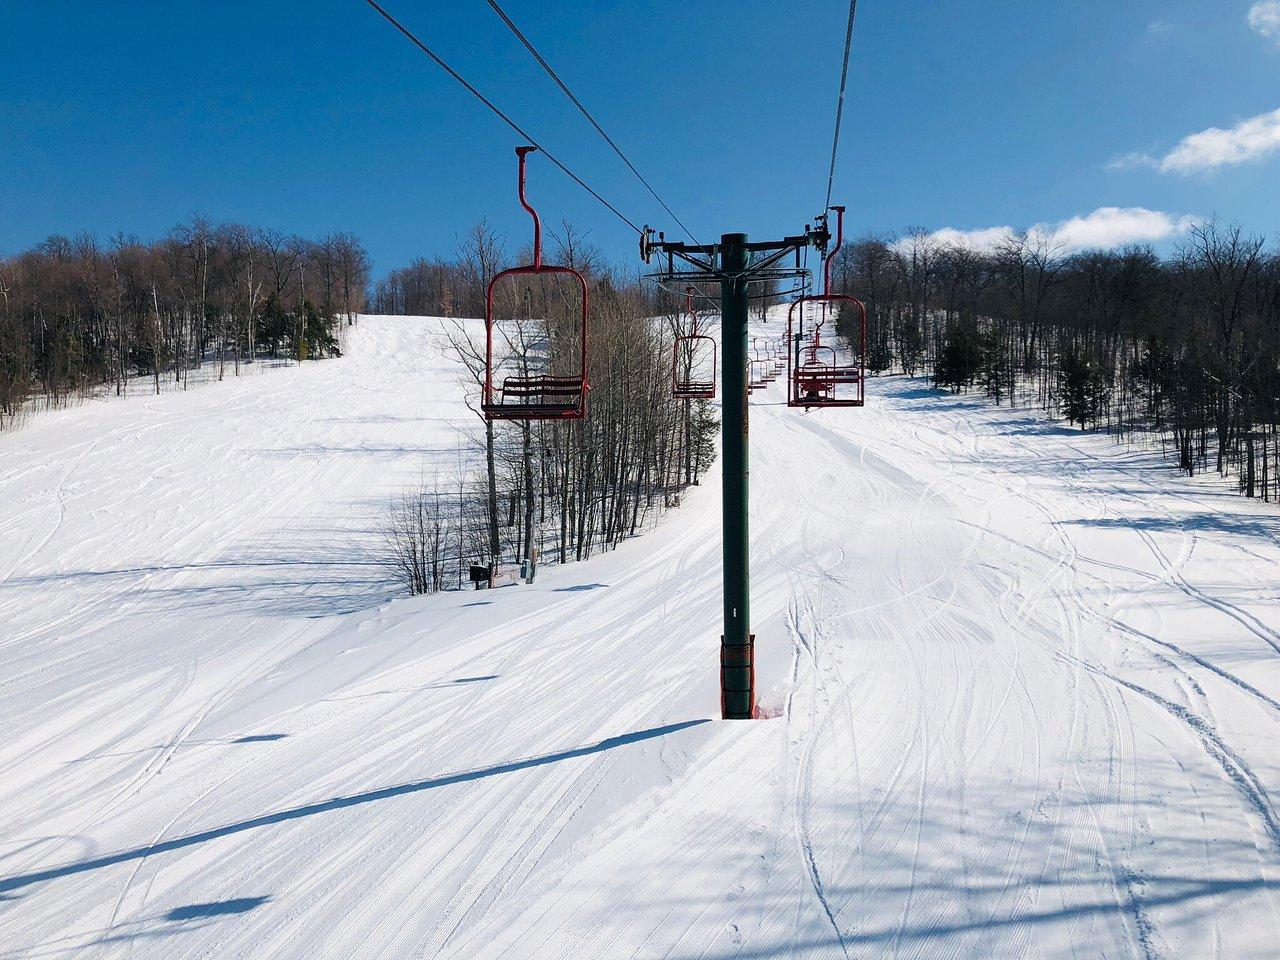 Popular Ski-Resort in Michigan-Big Snow Resort